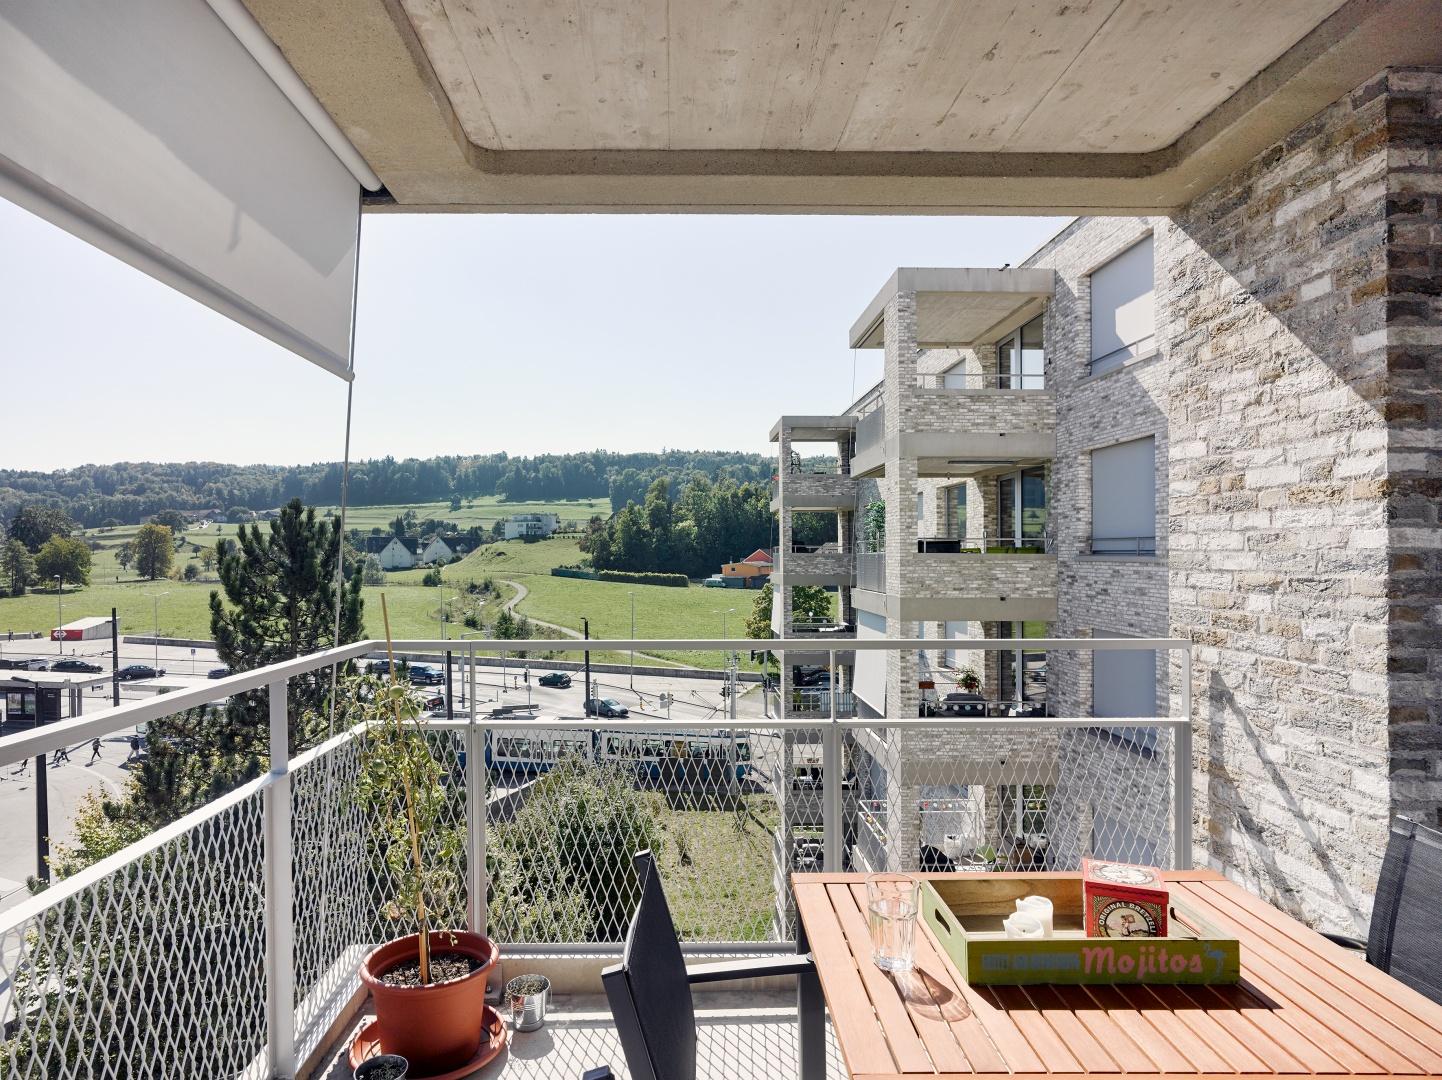 Balkonzimmer © Johannes Marburg